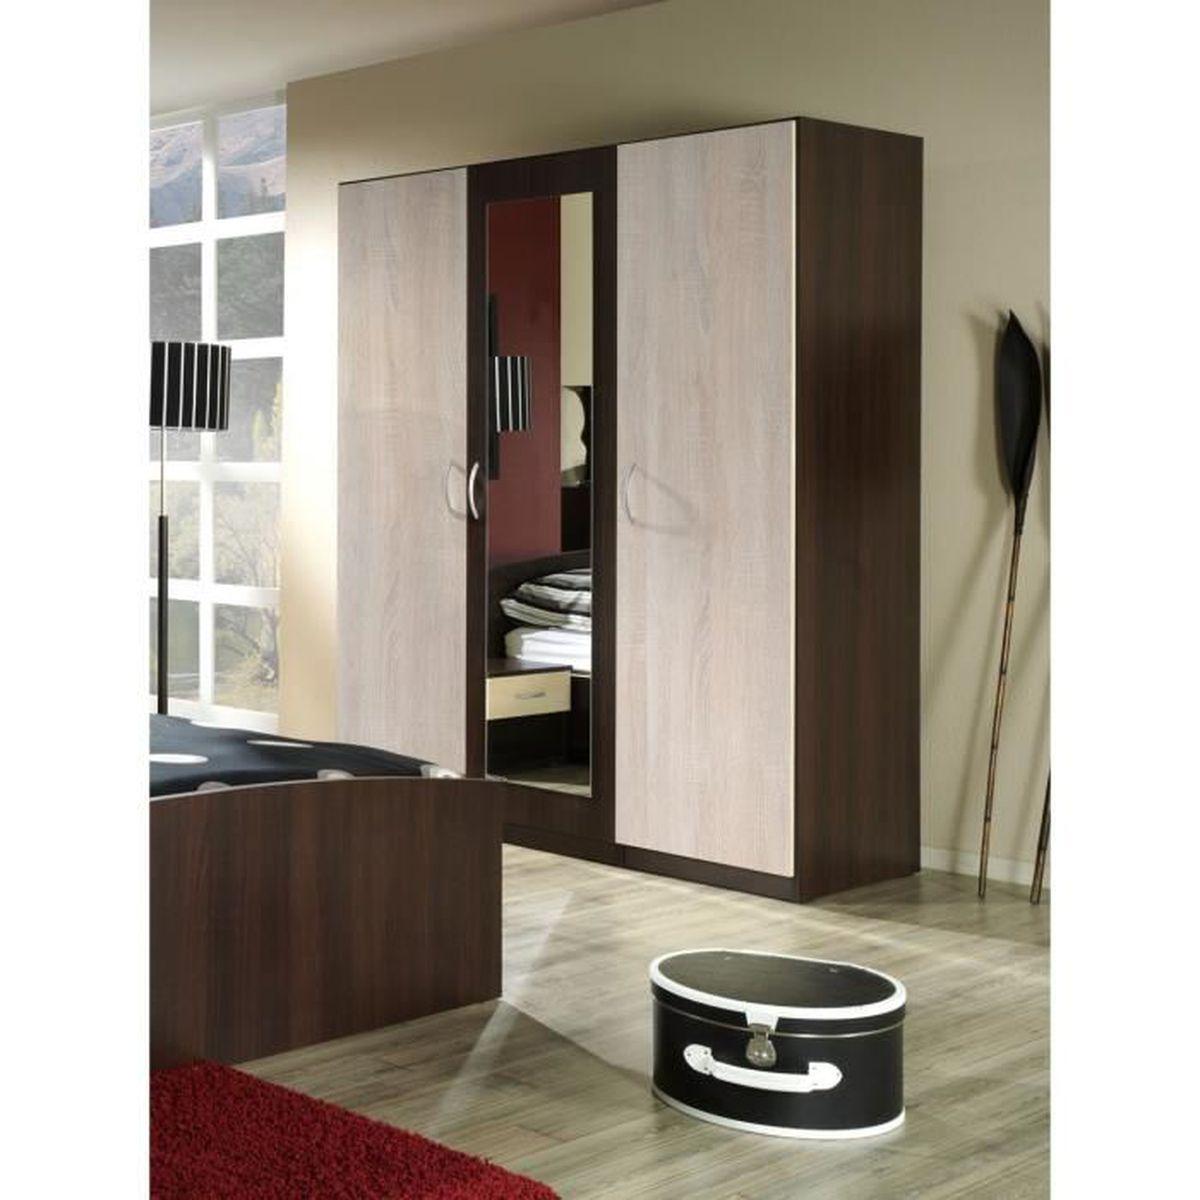 penderie de chambre avec miroir et etageres - achat / vente pas cher